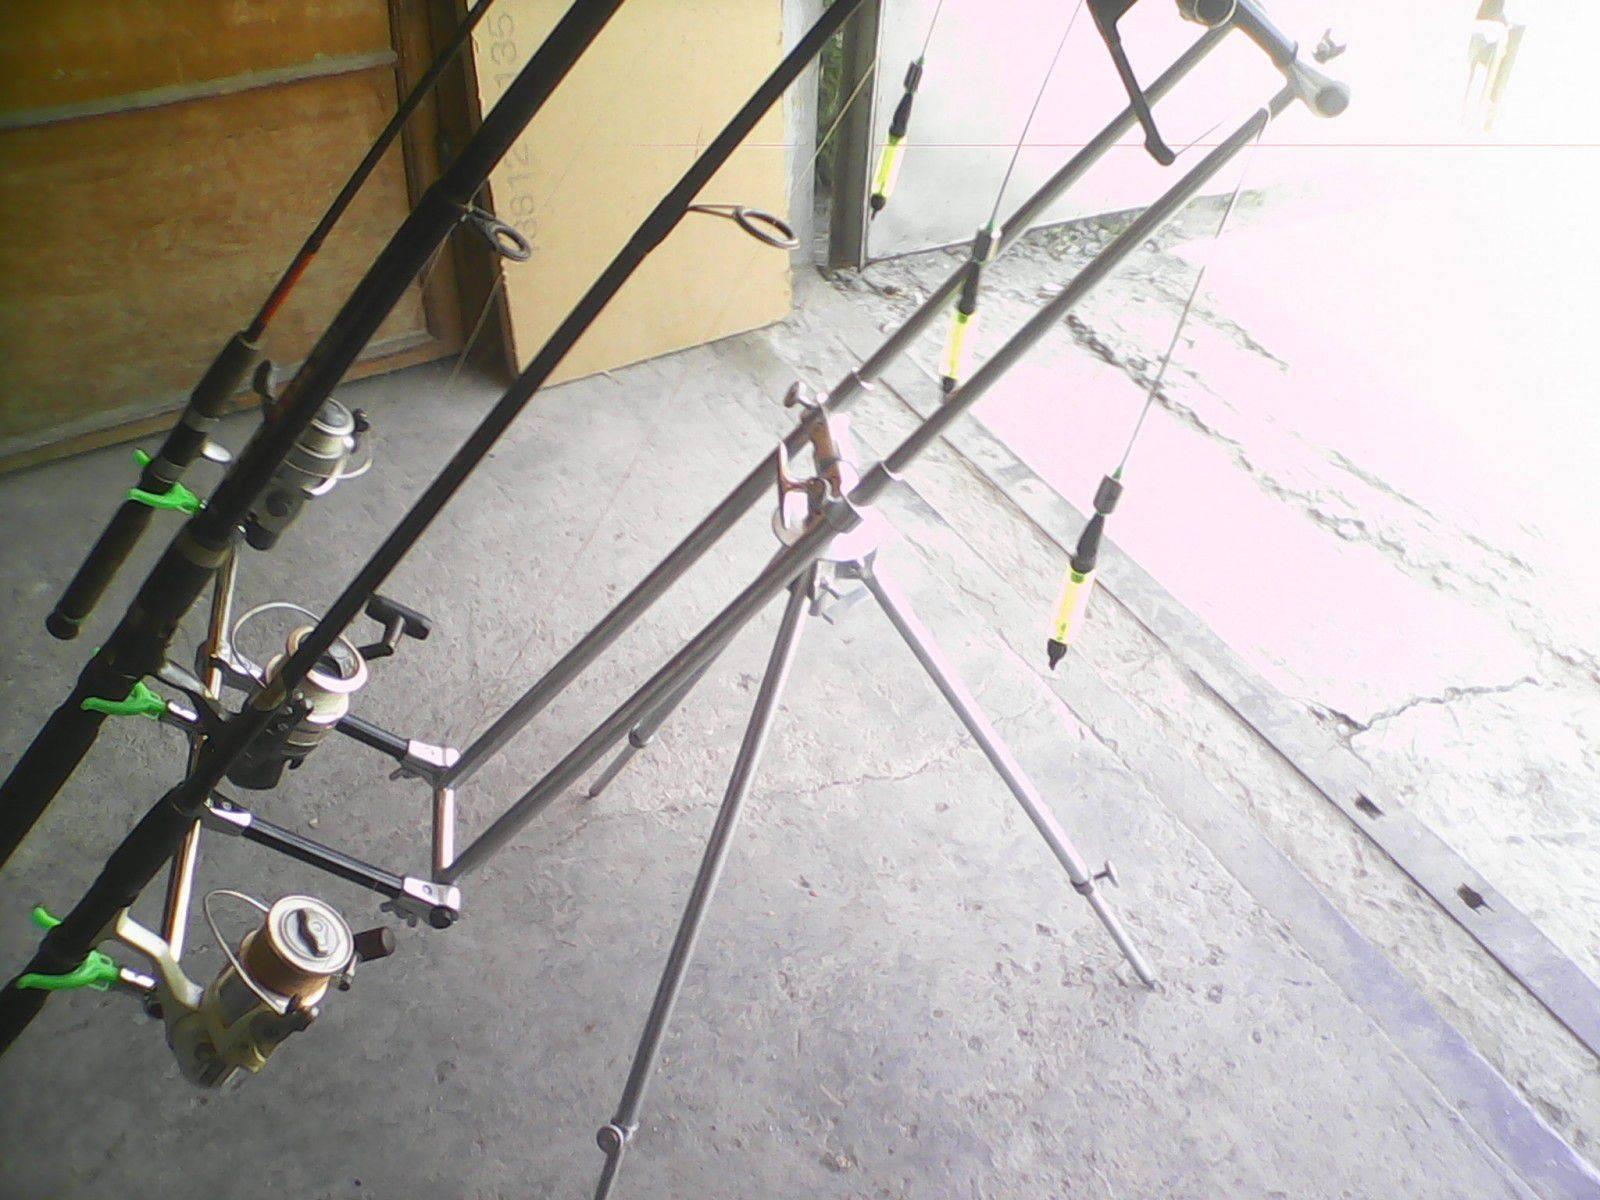 Простая инструкция, которая поможет сделать стул для рыбалки своими руками по предложенному чертежу